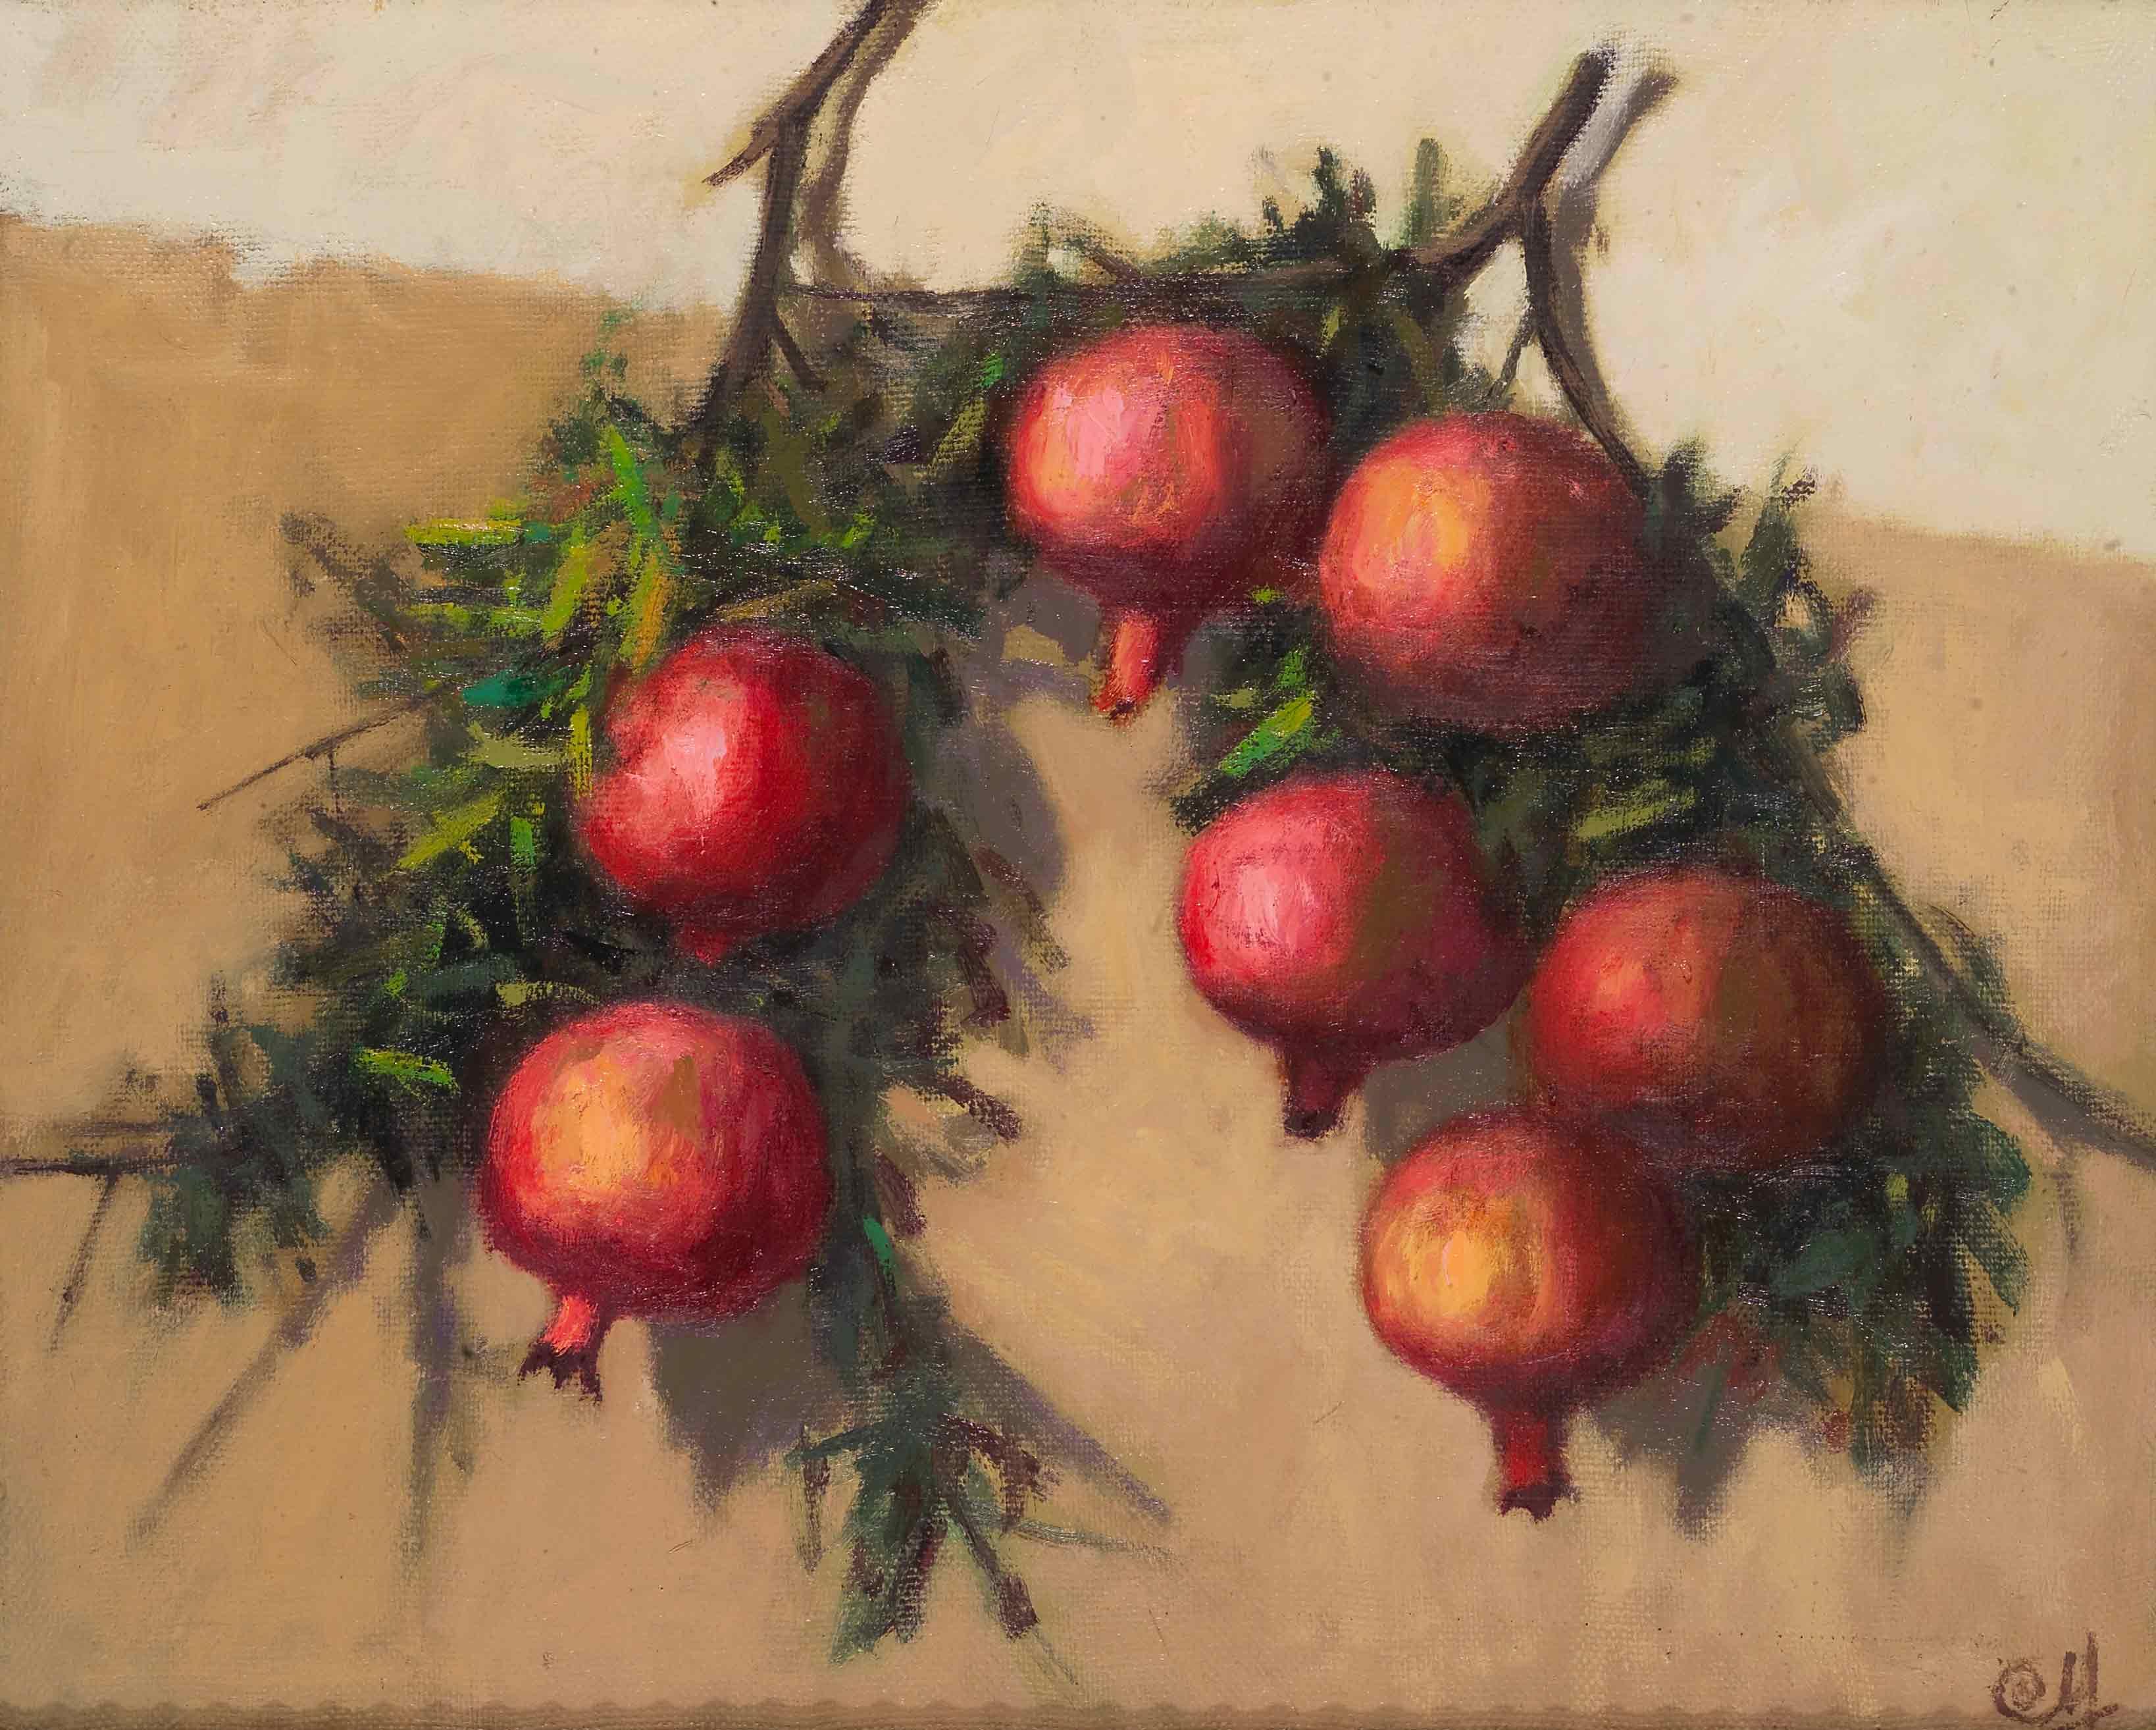 Pomegranate sprig